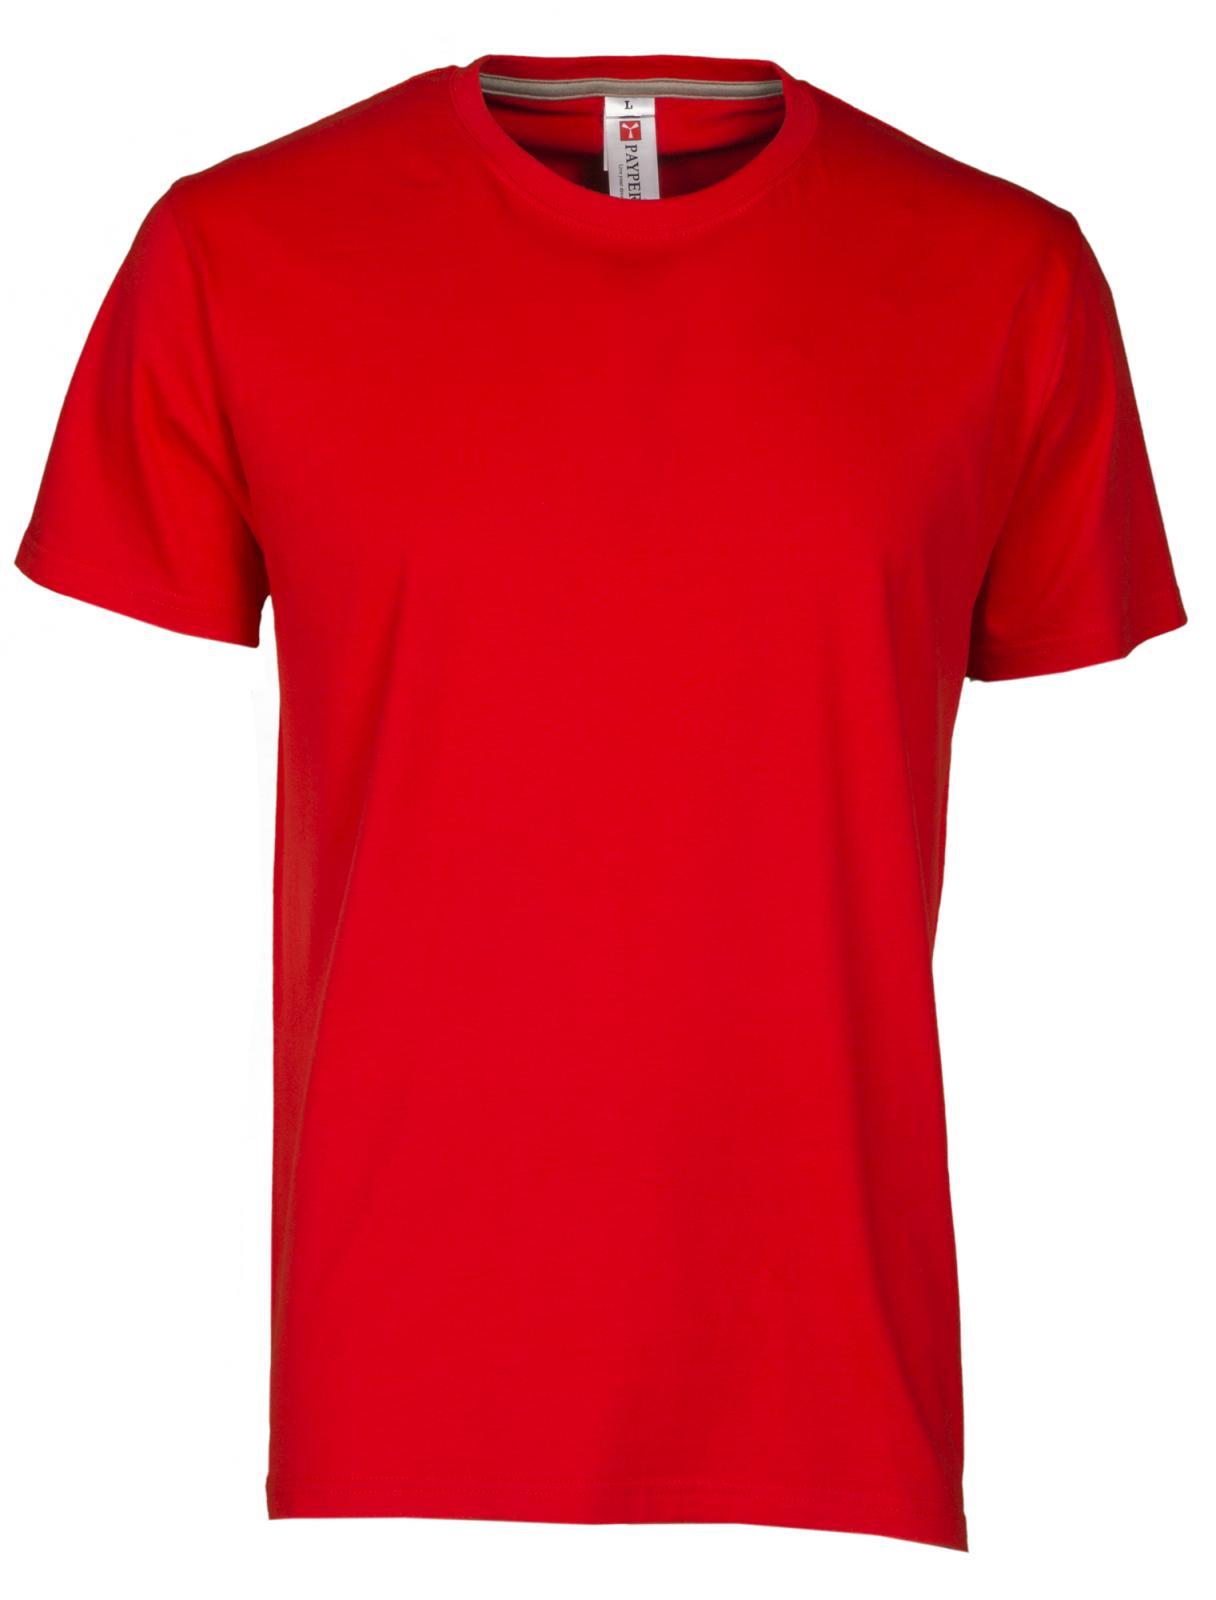 Personalizzazione Online T Shirt Unisex Sunrise Ricamo E